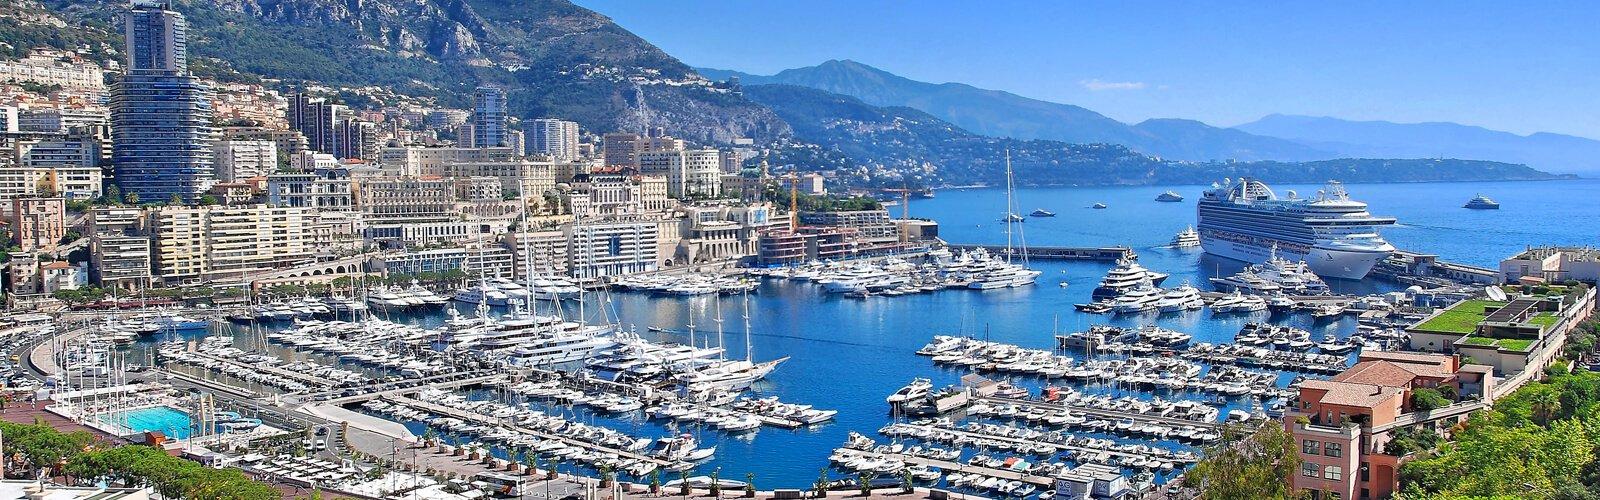 День в Монако